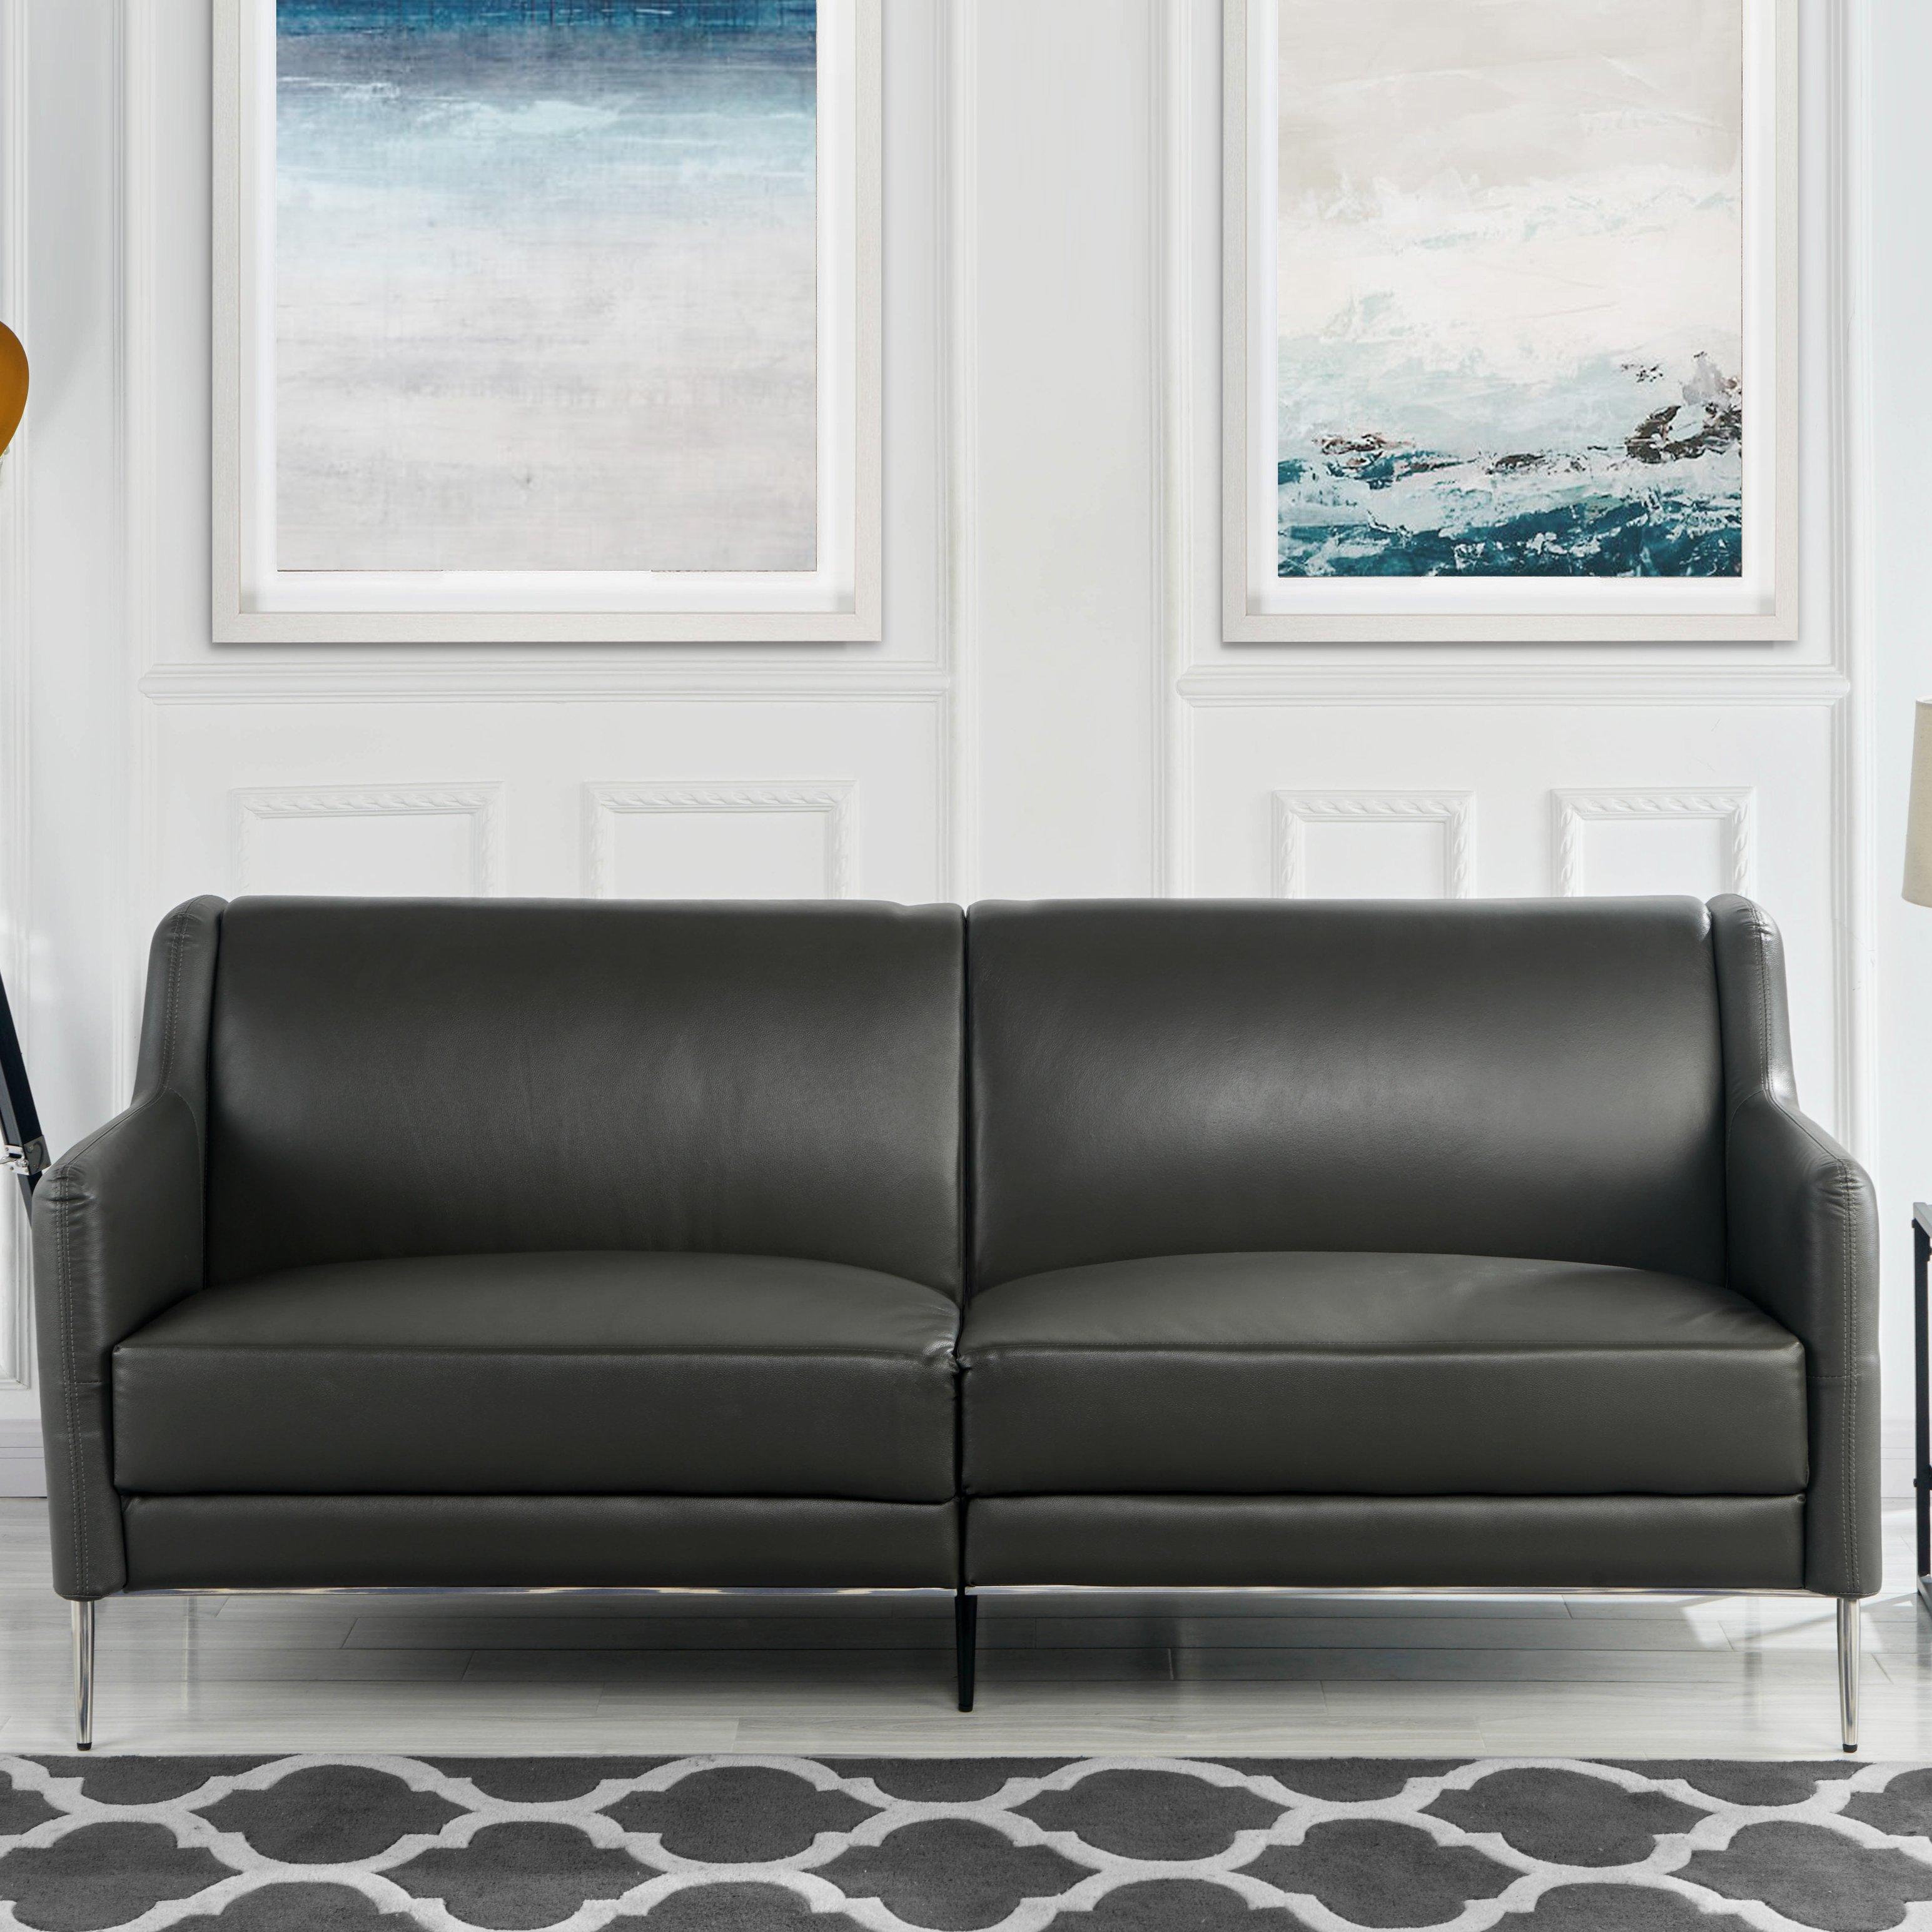 Sofa De Coincidencia De Cuero De Mediados De Siglo 77 1 Elegante Simple Sofa Del Salon En Gris Ebay